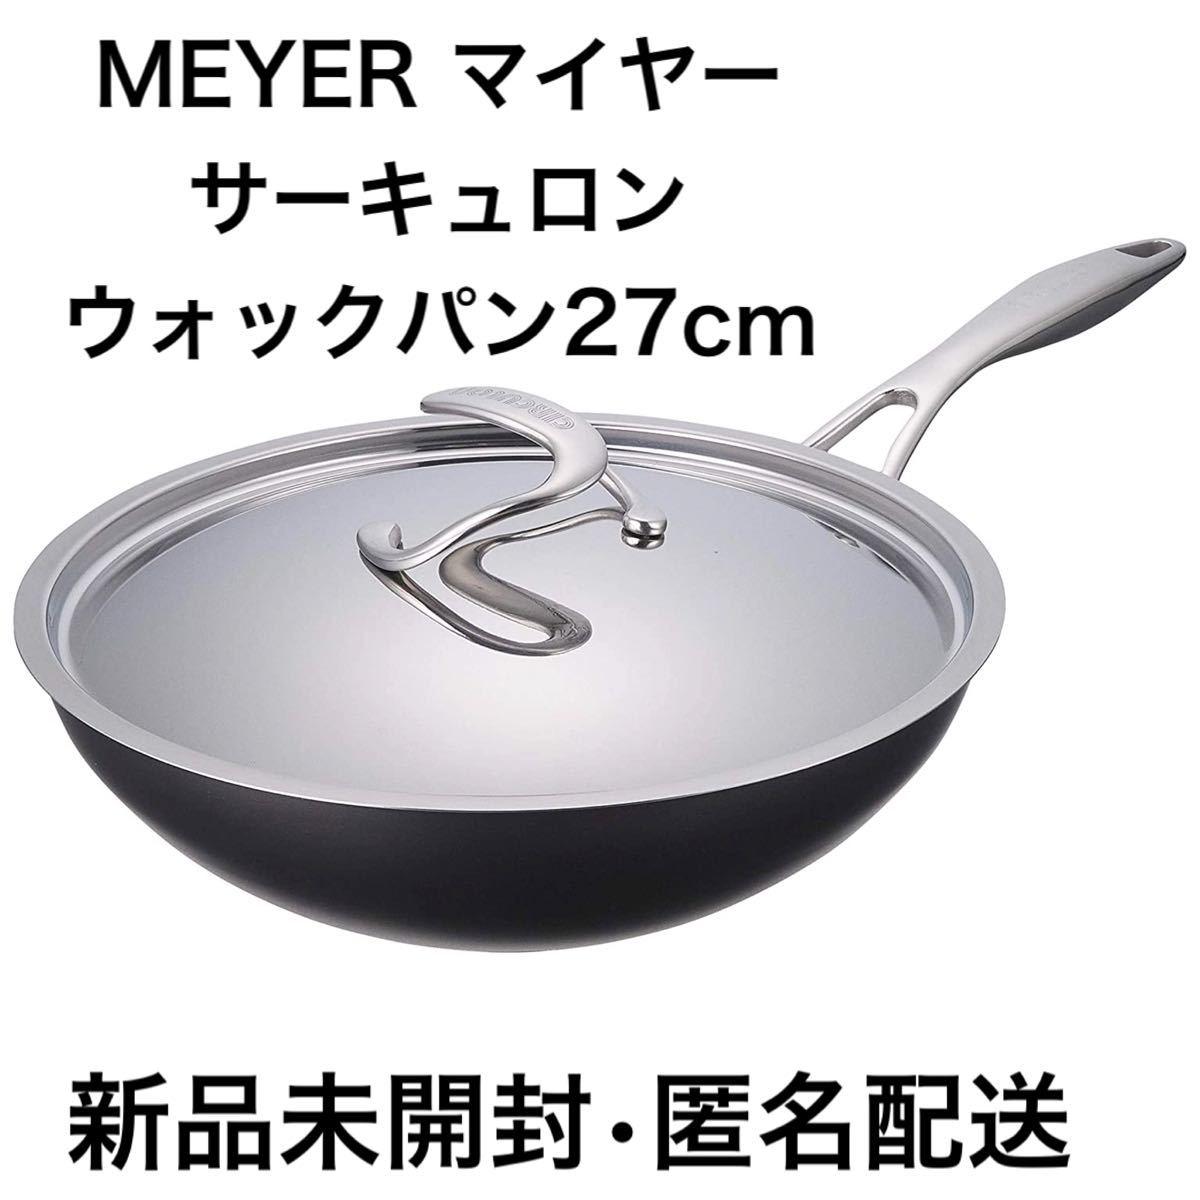 マイヤーMAYER フライパン サーキュロンウォックパン27cm蓋付【匿名配送】☆